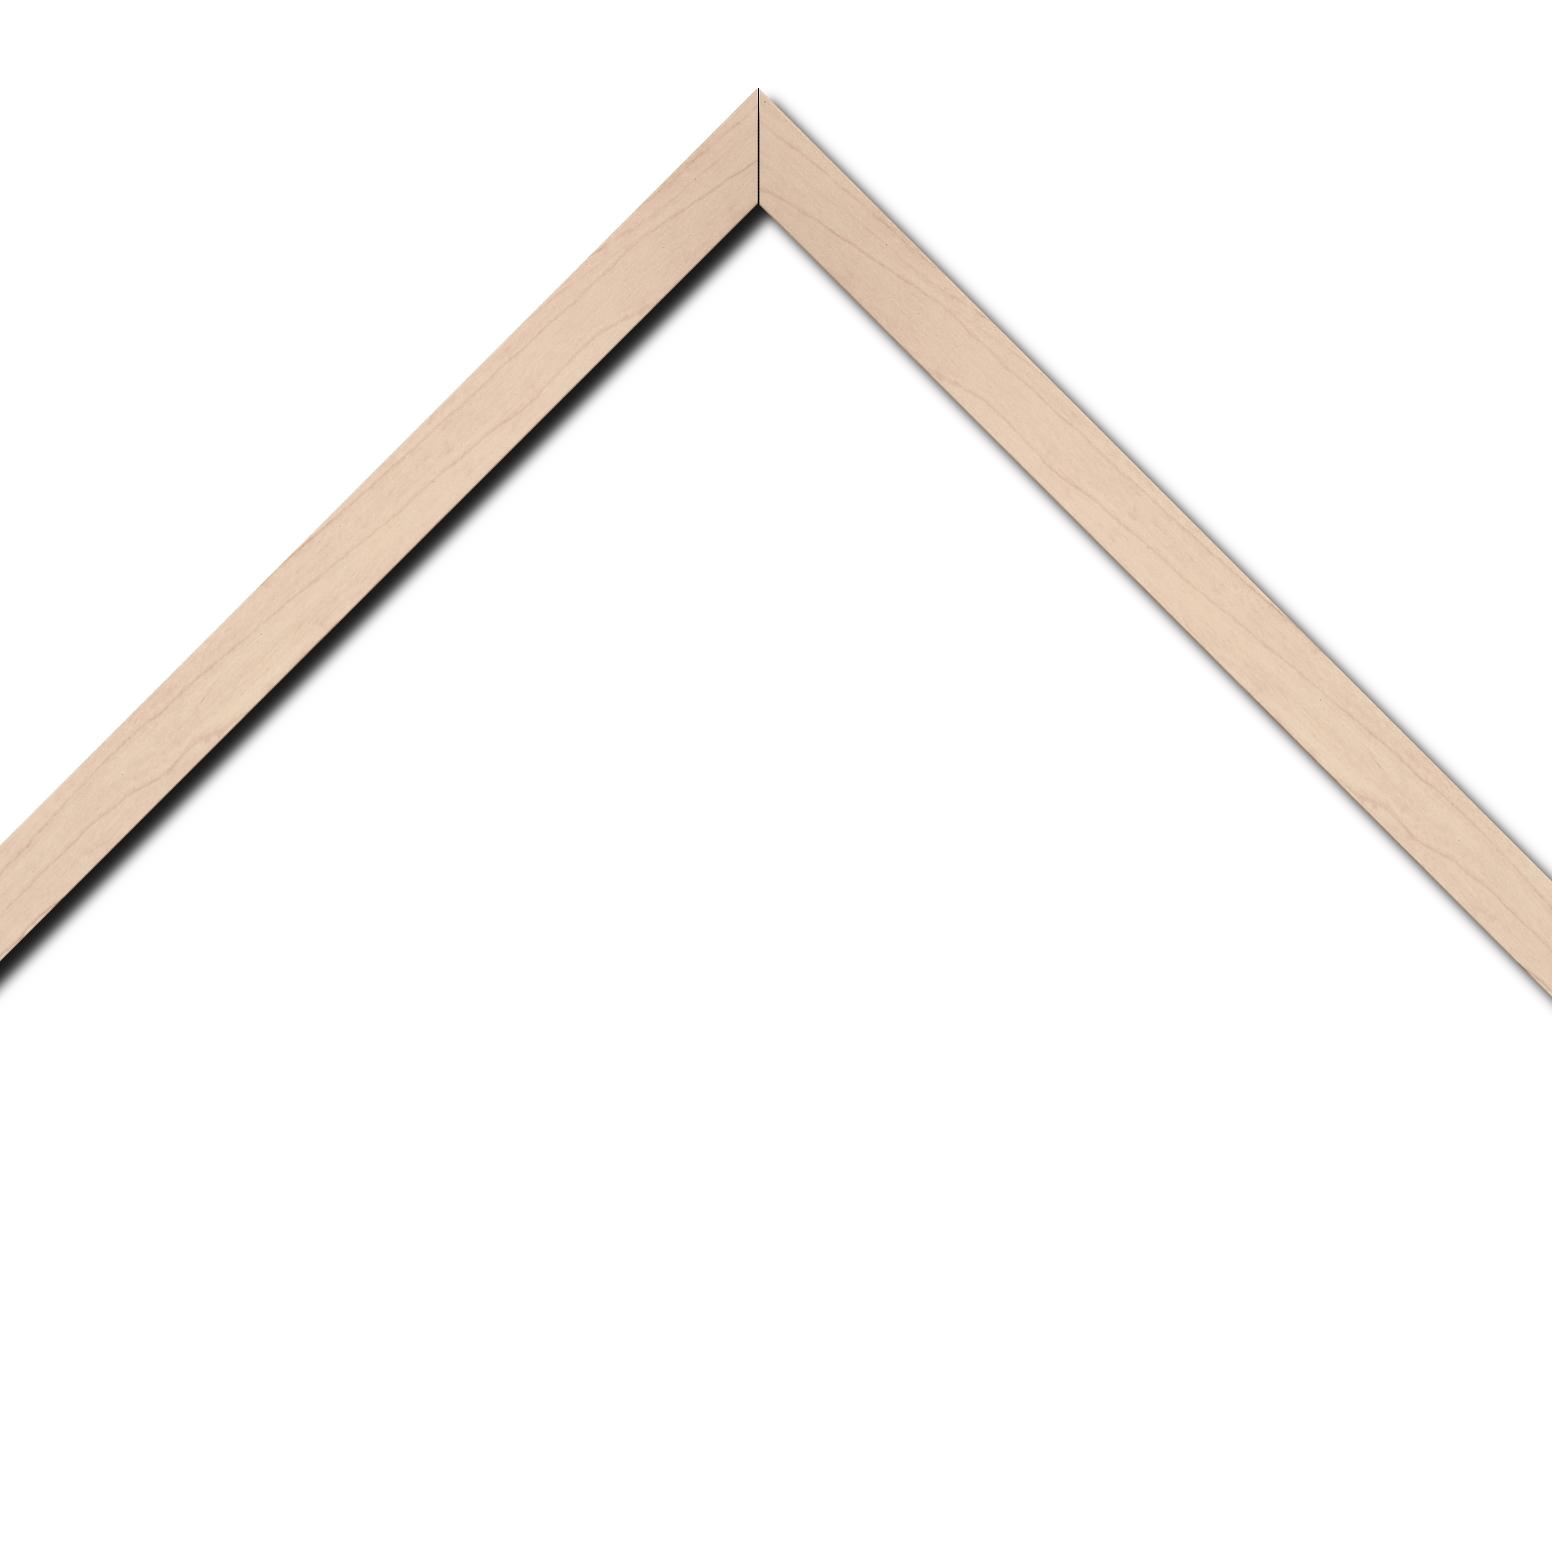 Baguette bois profil plat largeur 2cm décor bois blanc naturel